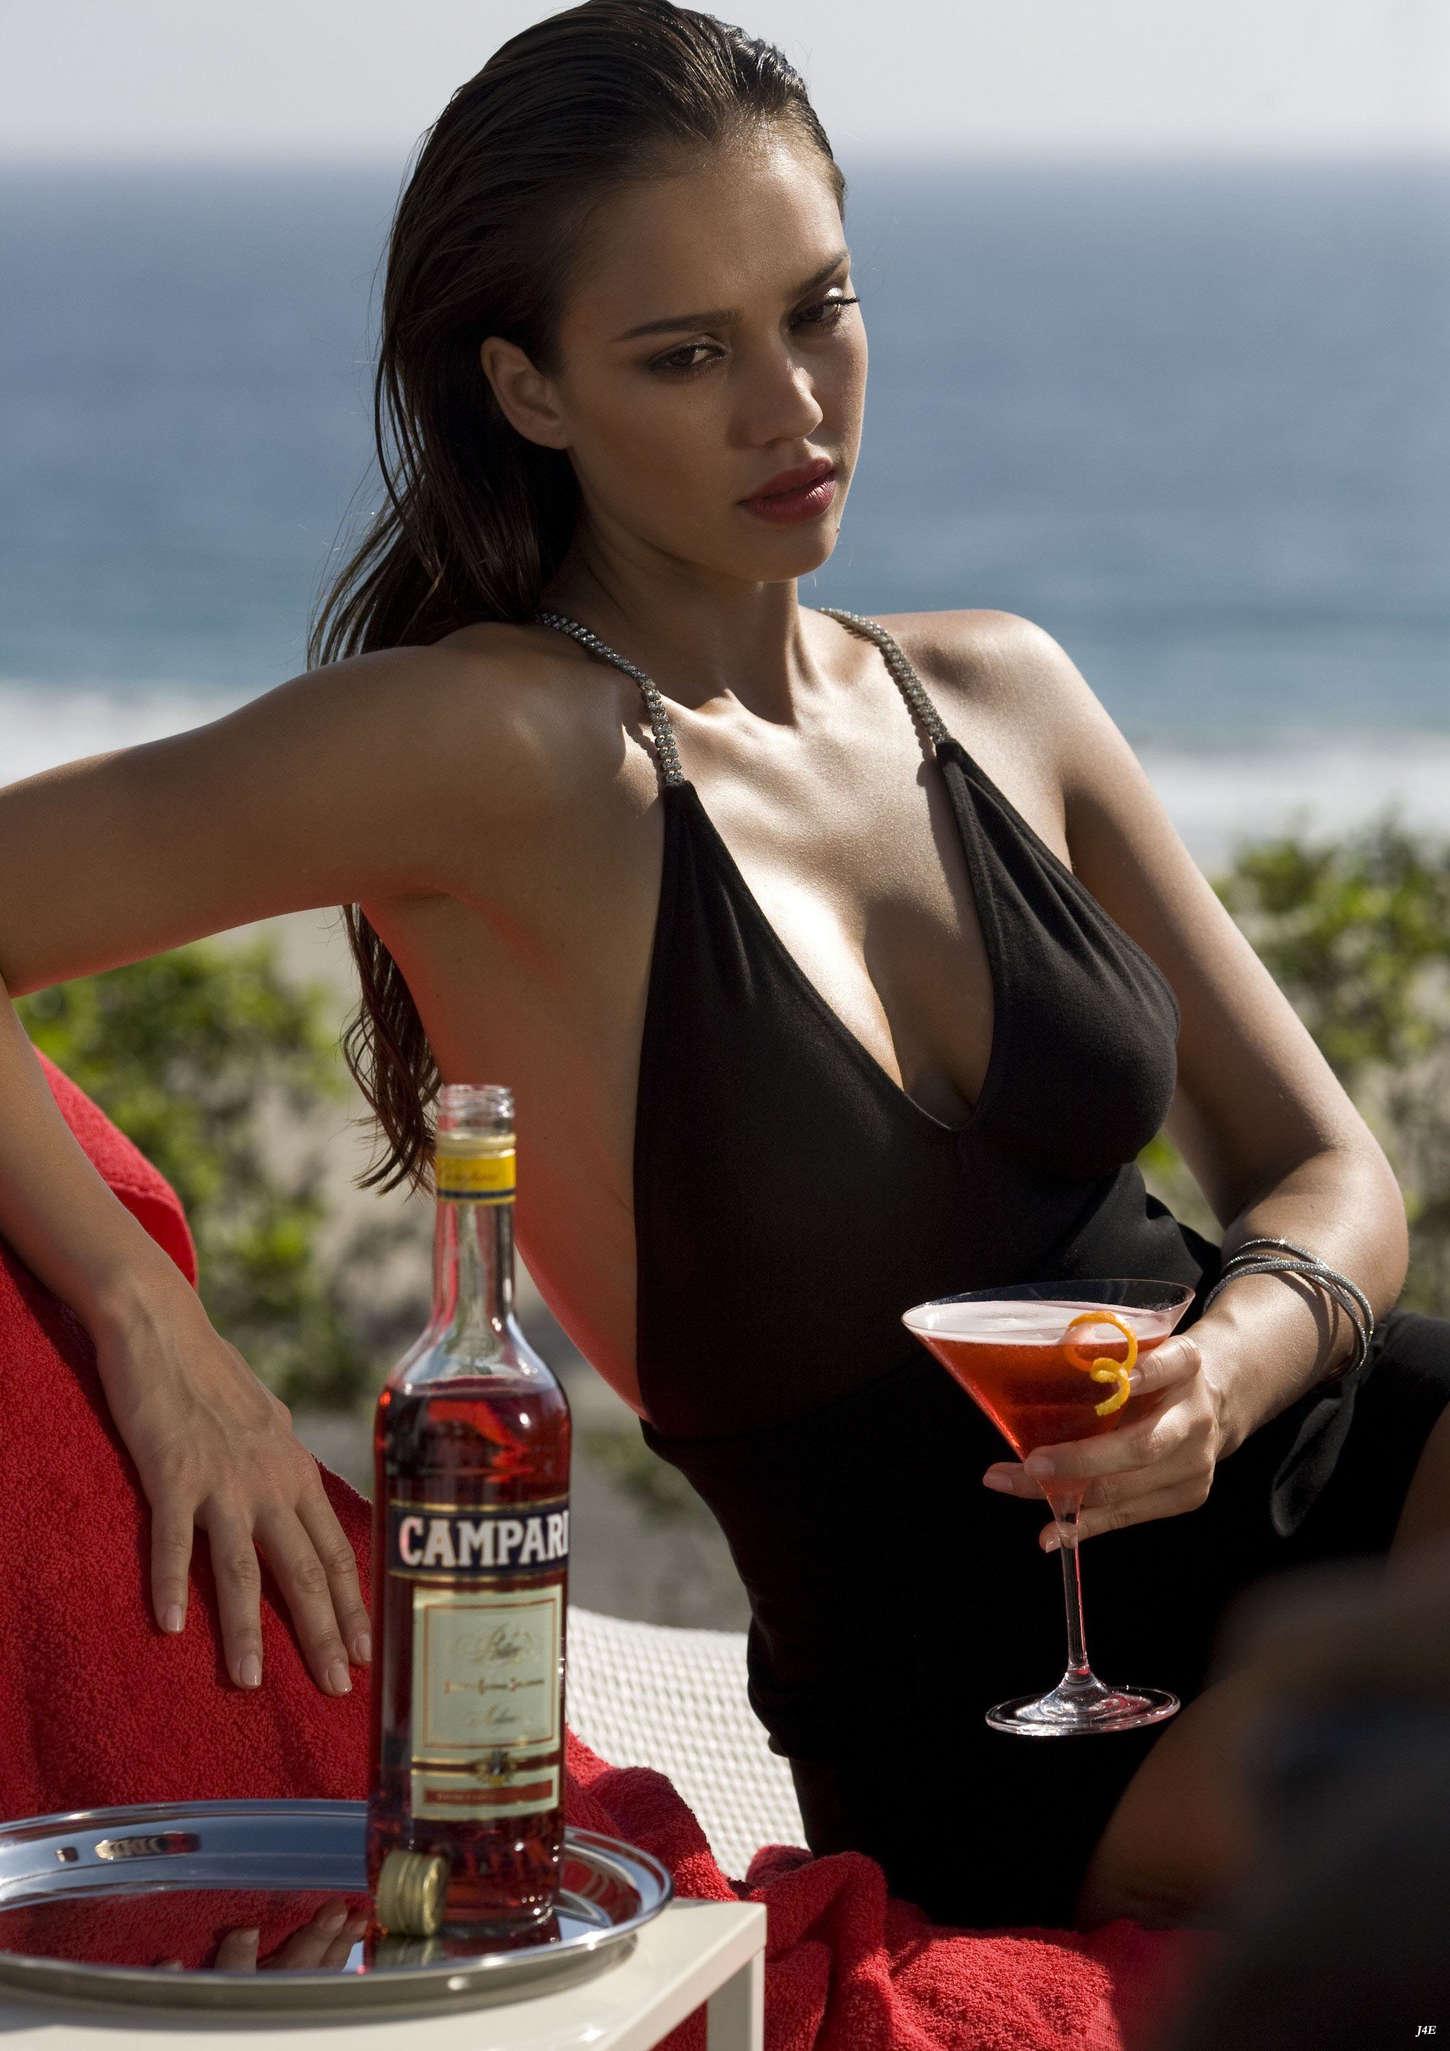 Jessica Alba 2014 : Jessica Alba: Compari Calender 2009 -07